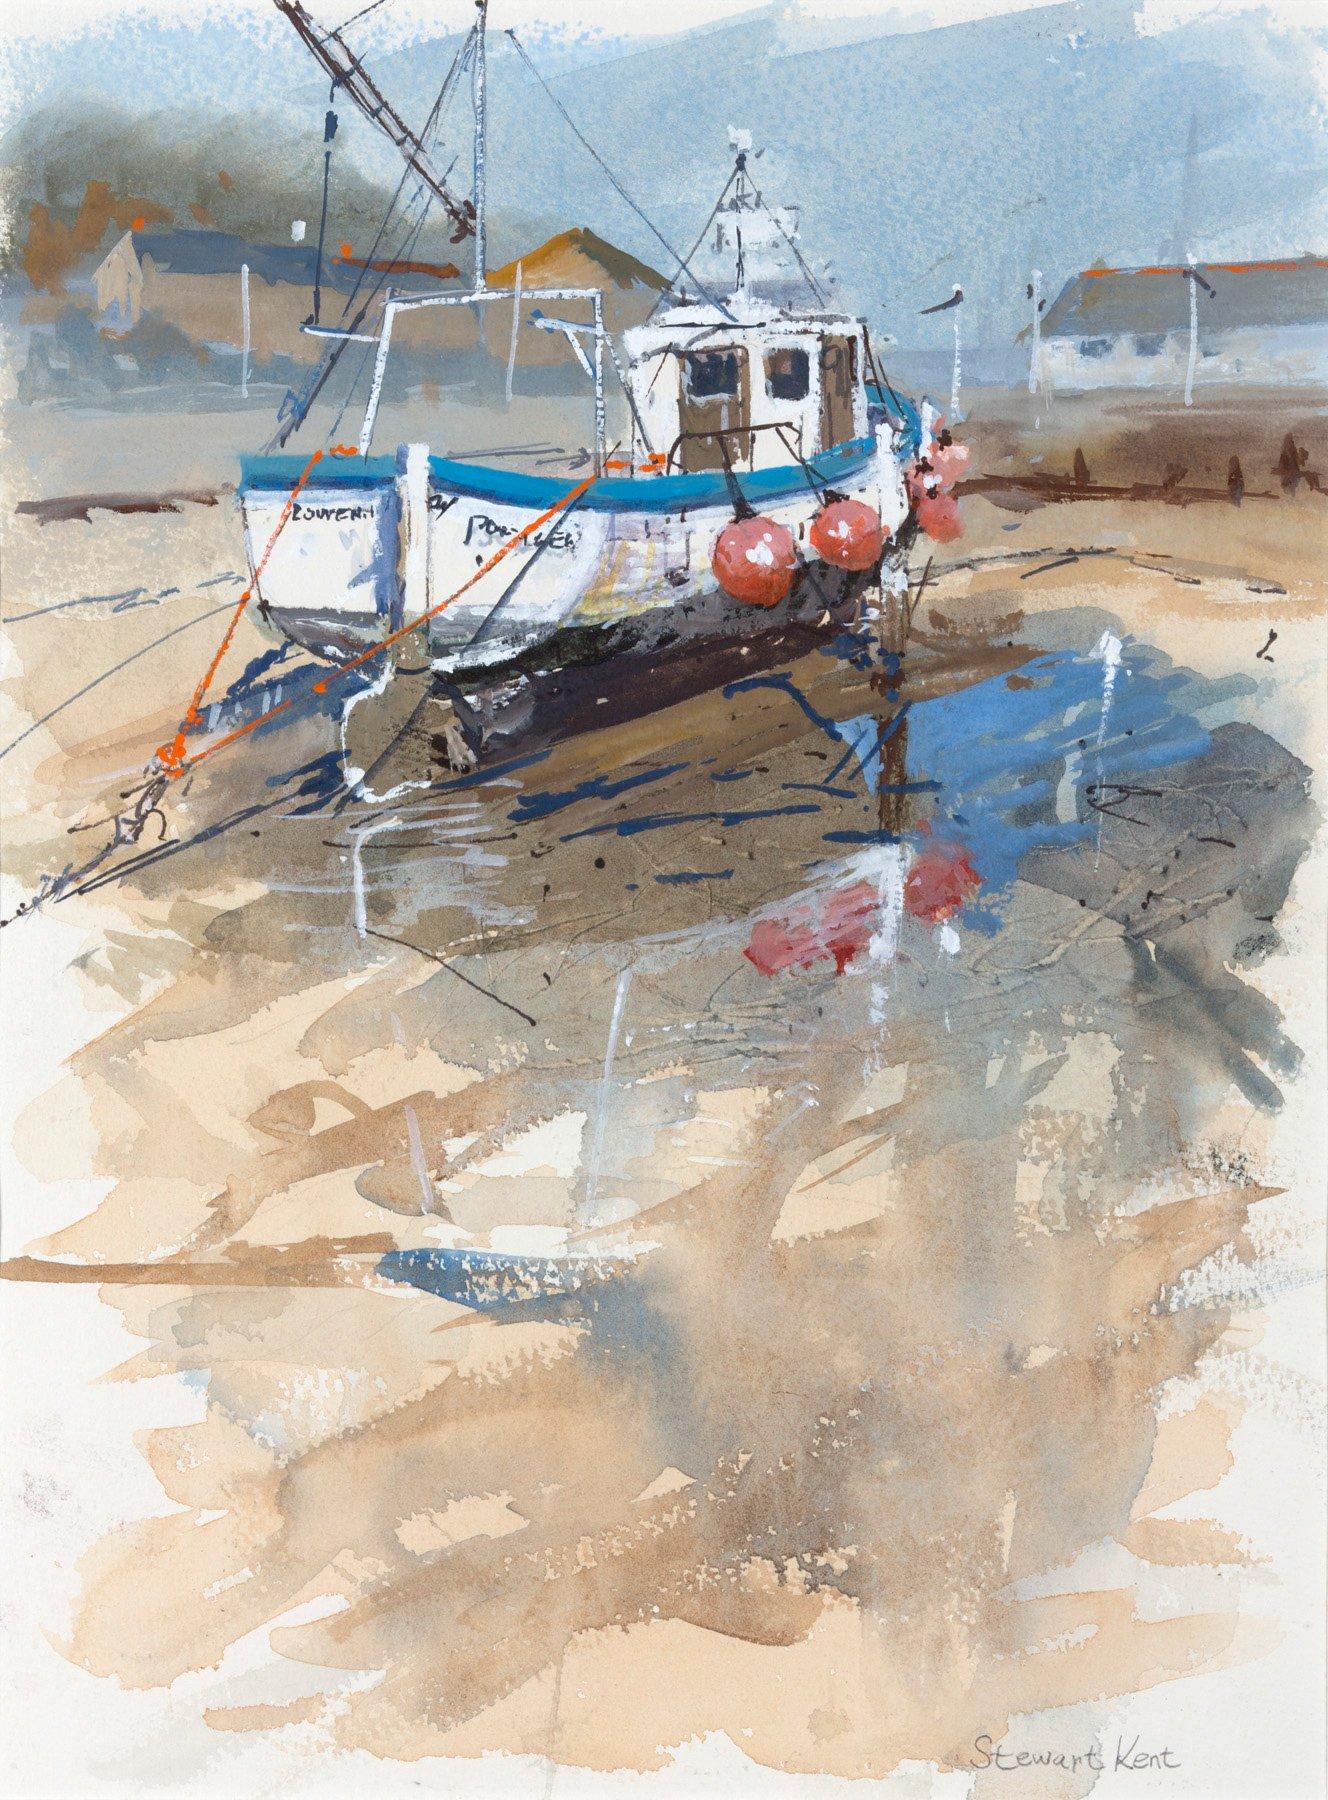 Lowena at Porthlevan by Stewart Kent